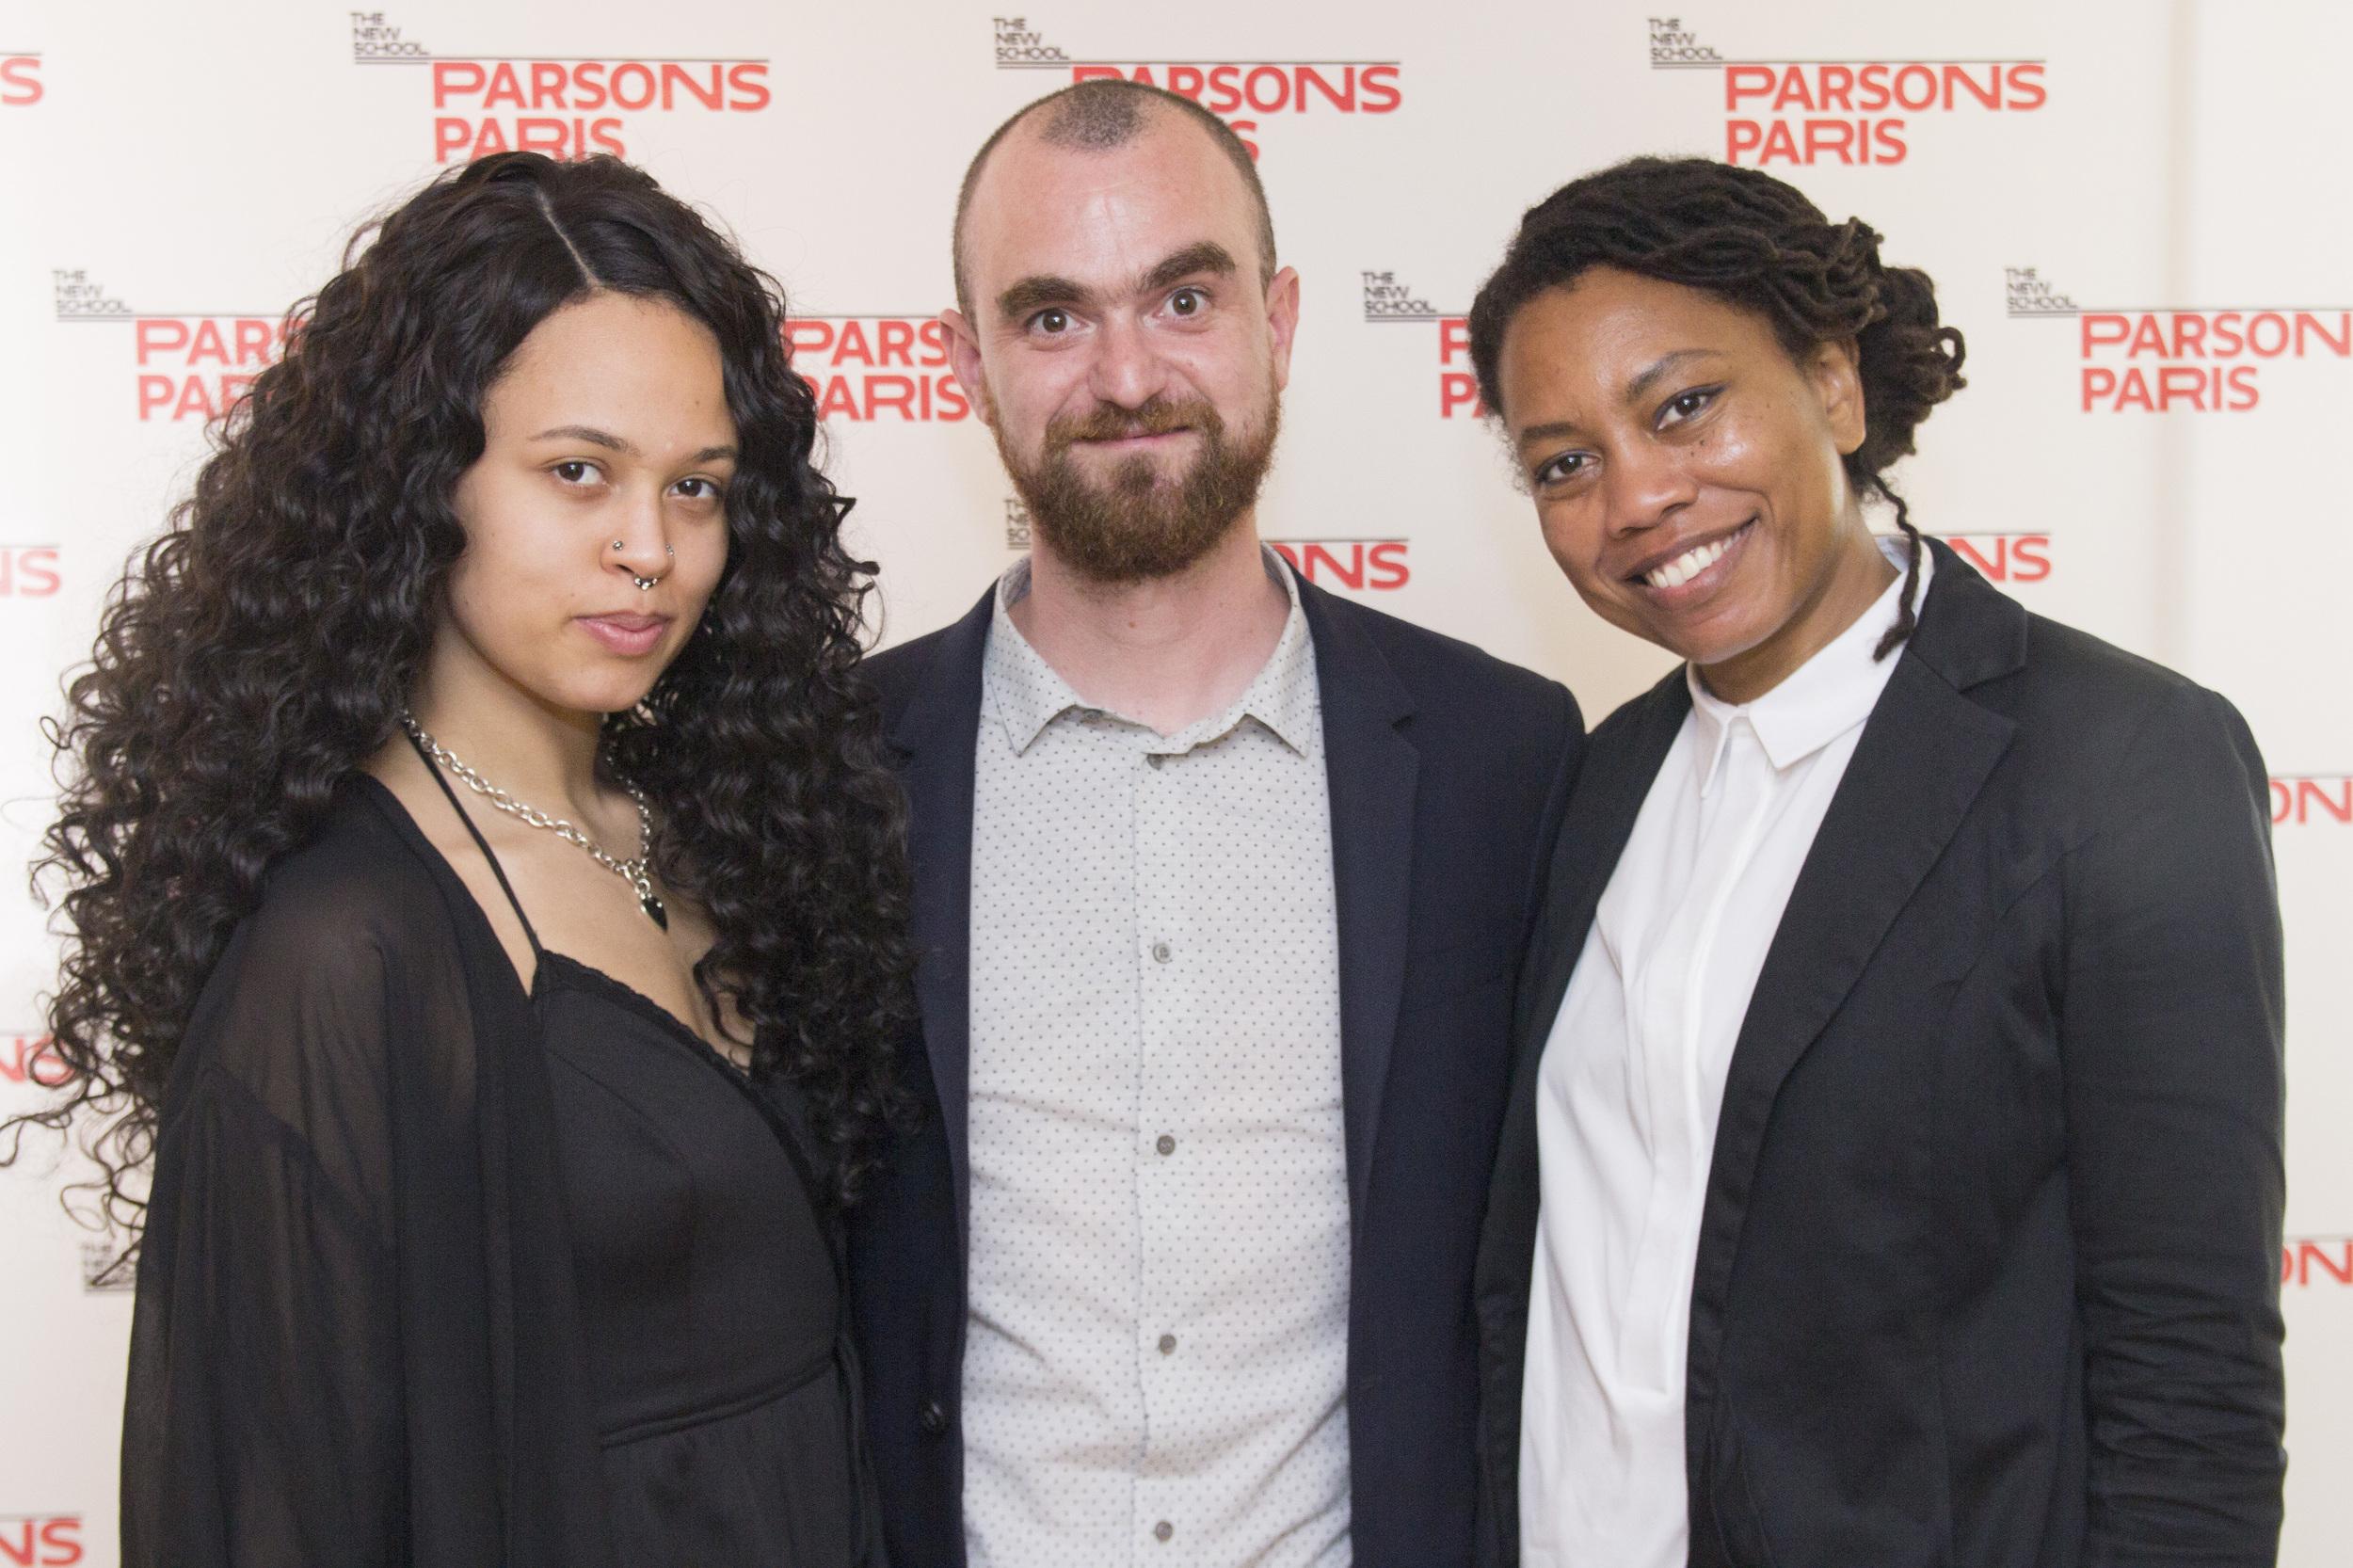 TNS_ParsonsParis_Graduation_147.jpg